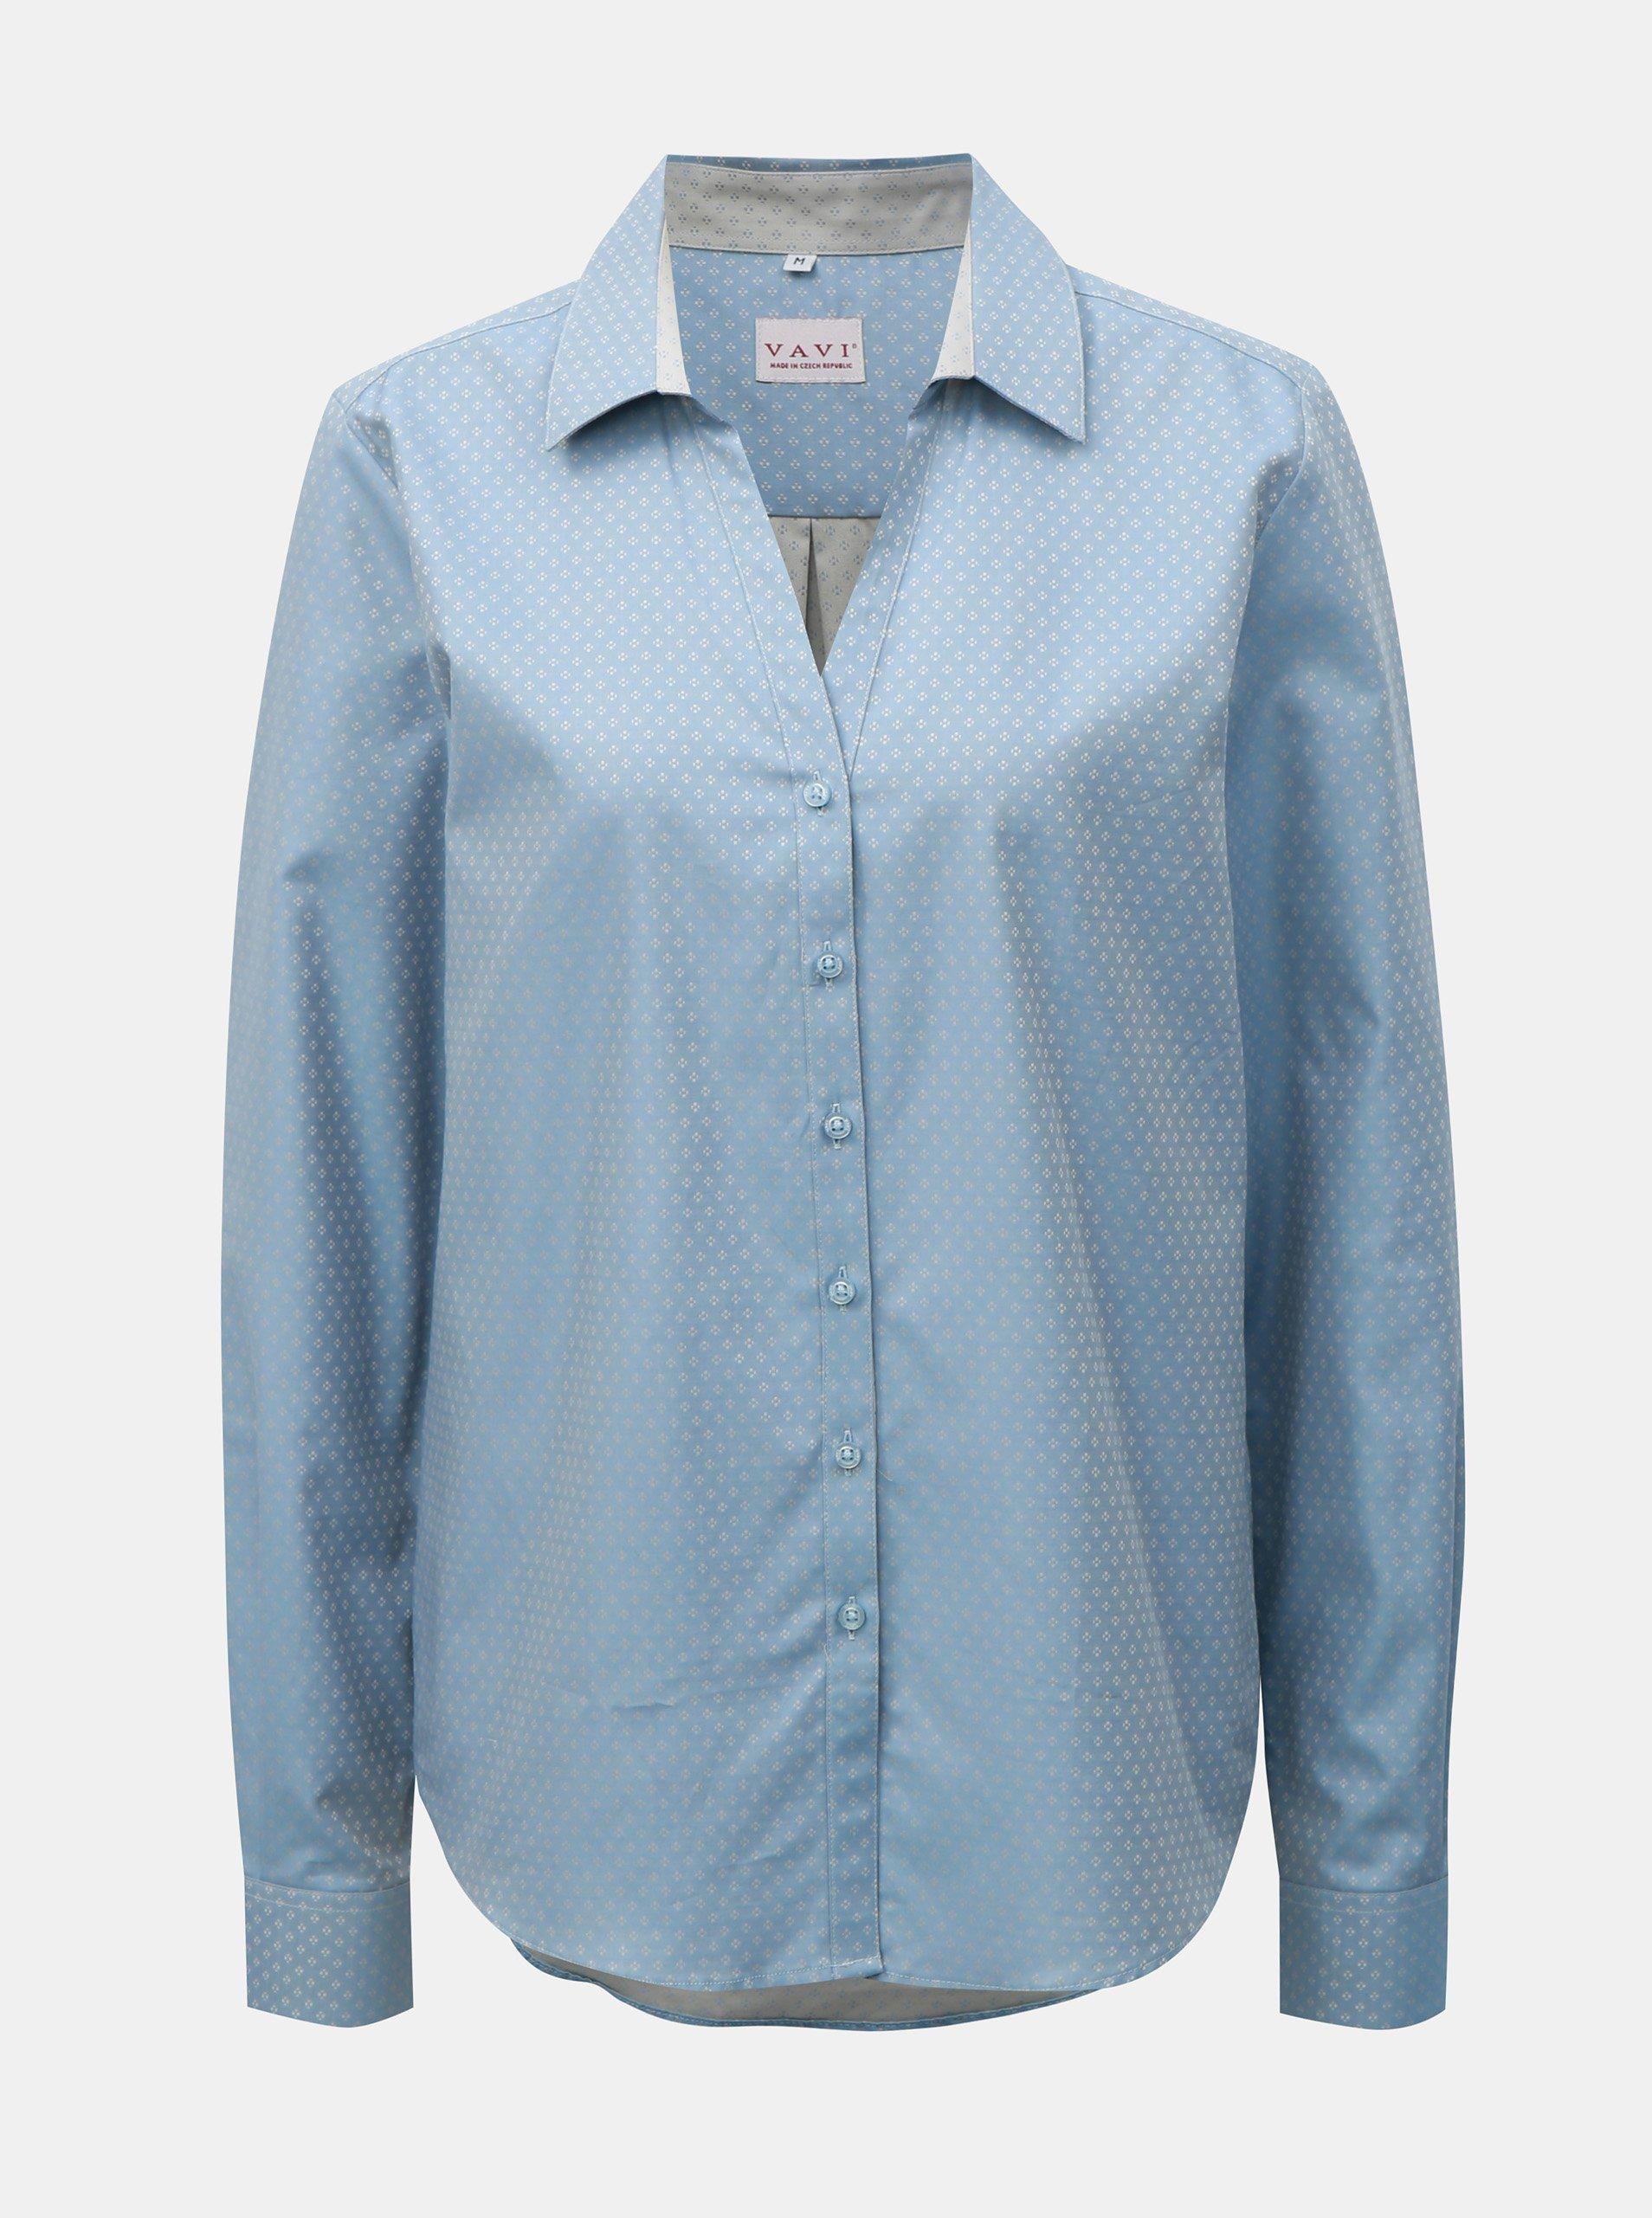 a0b3080e53 Svetlomodrá dámska košeľa s drobným vzorom VAVI